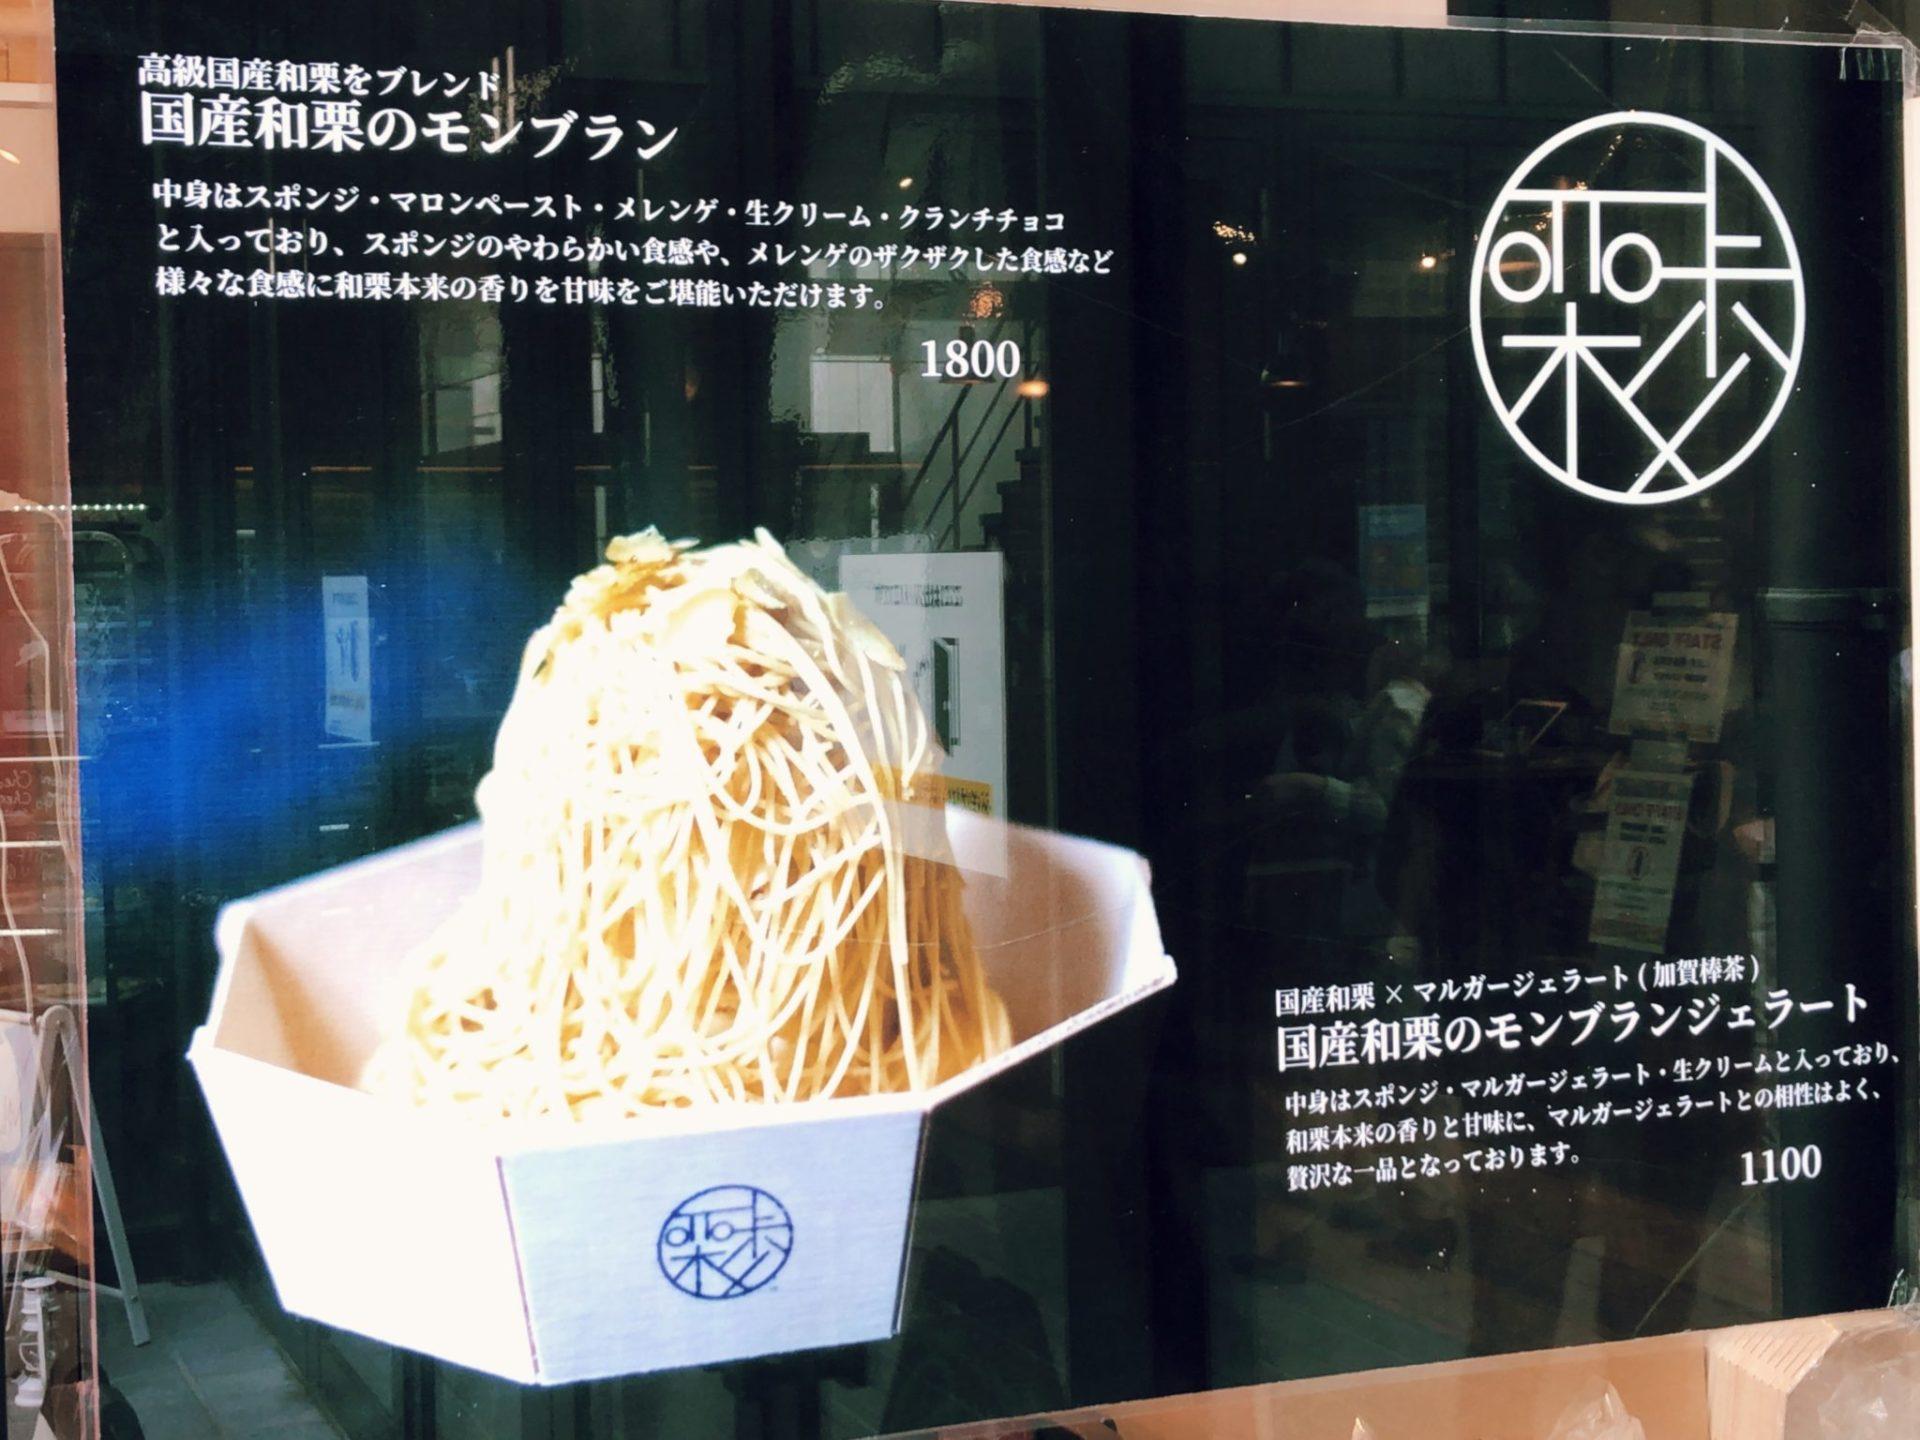 栗歩(くりほ)原宿店のモンブランのメニュー